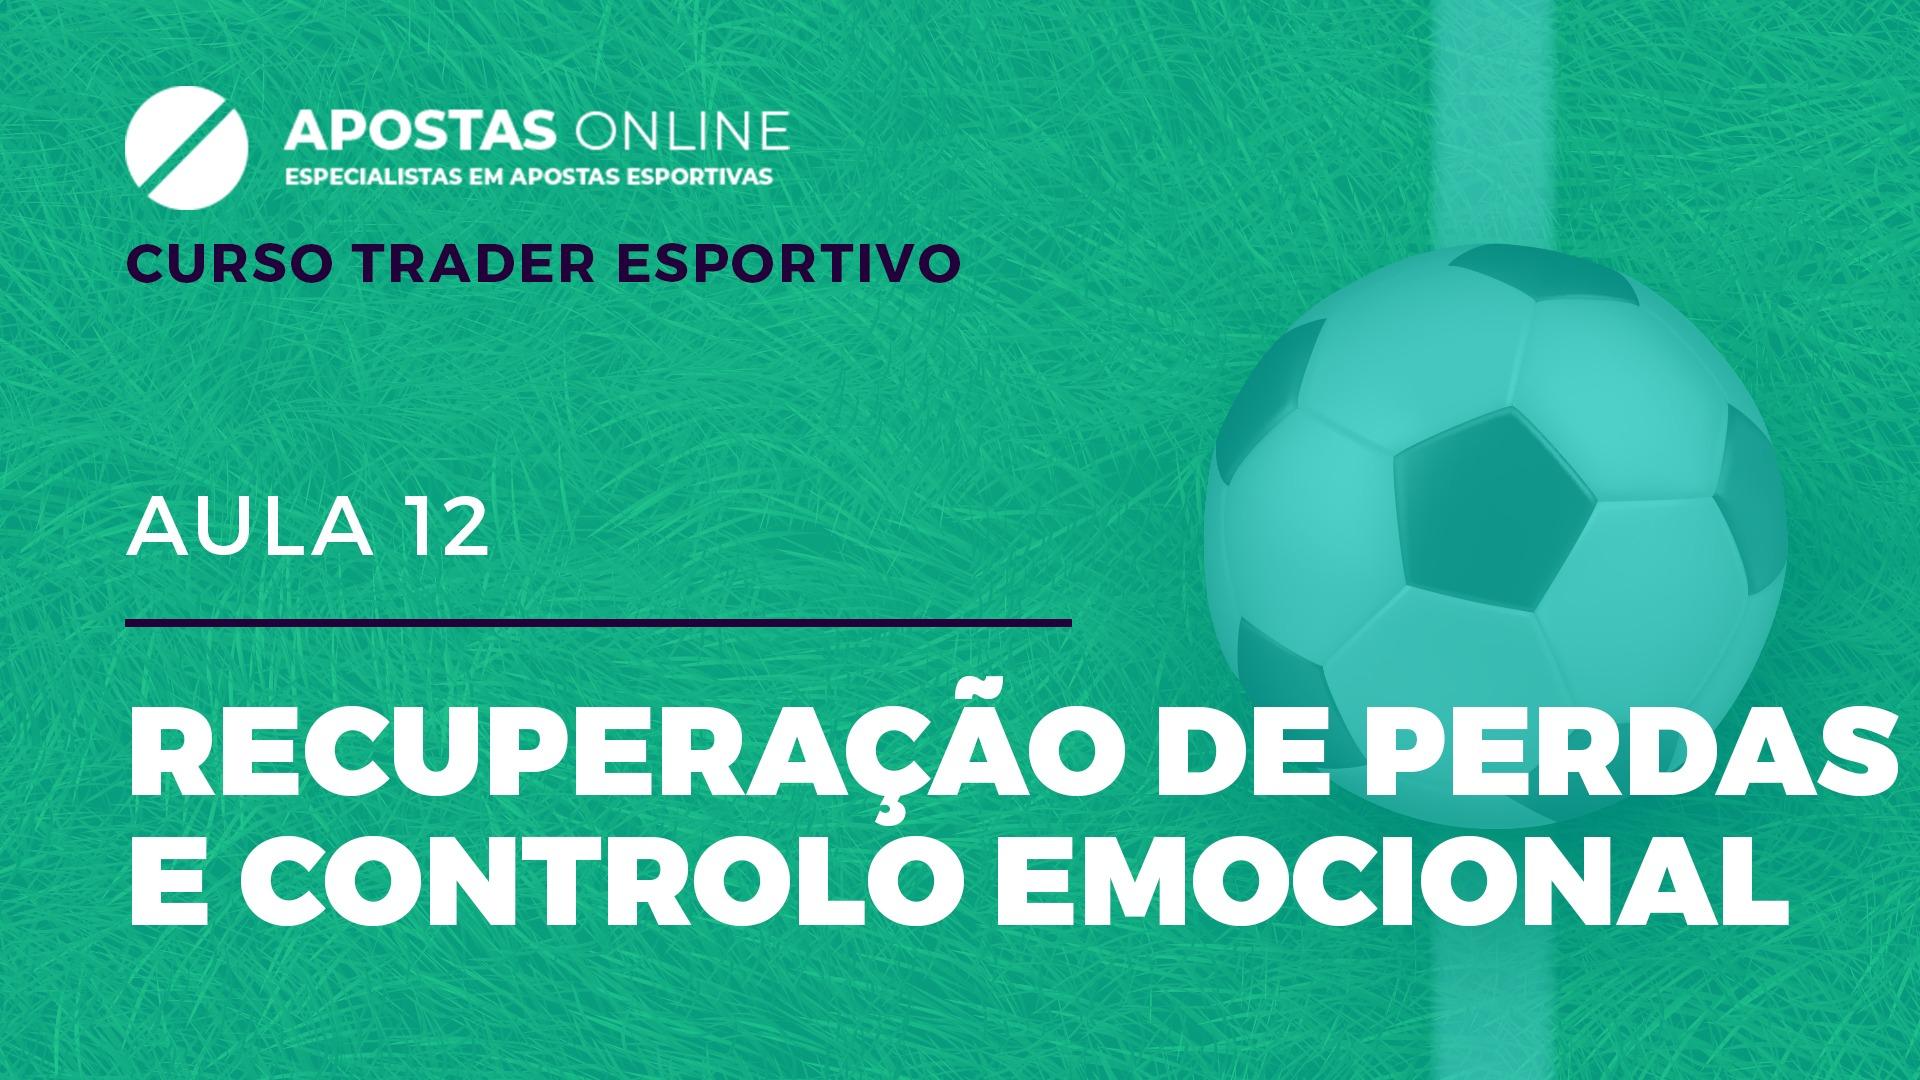 Curso Trader Esportivo: Recuperação de perdas e controlo emocional | Aula 12